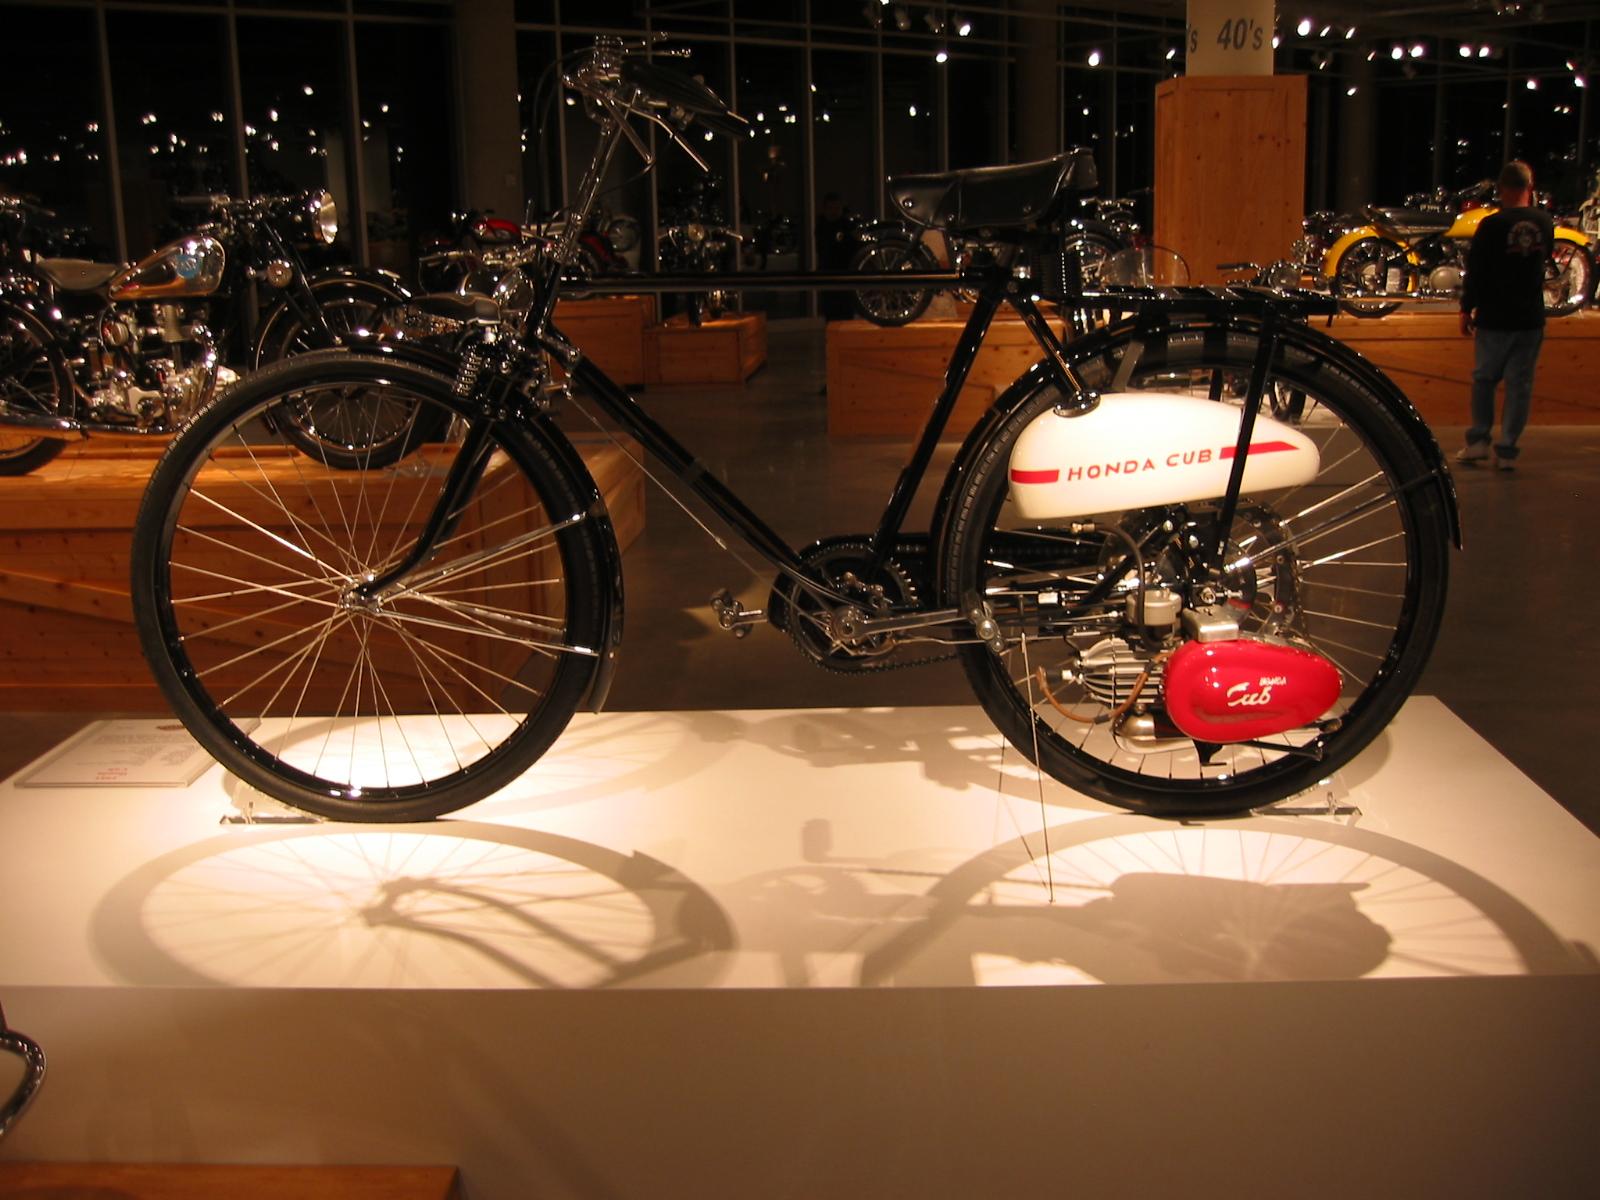 1953_Honda_Cub.jpg